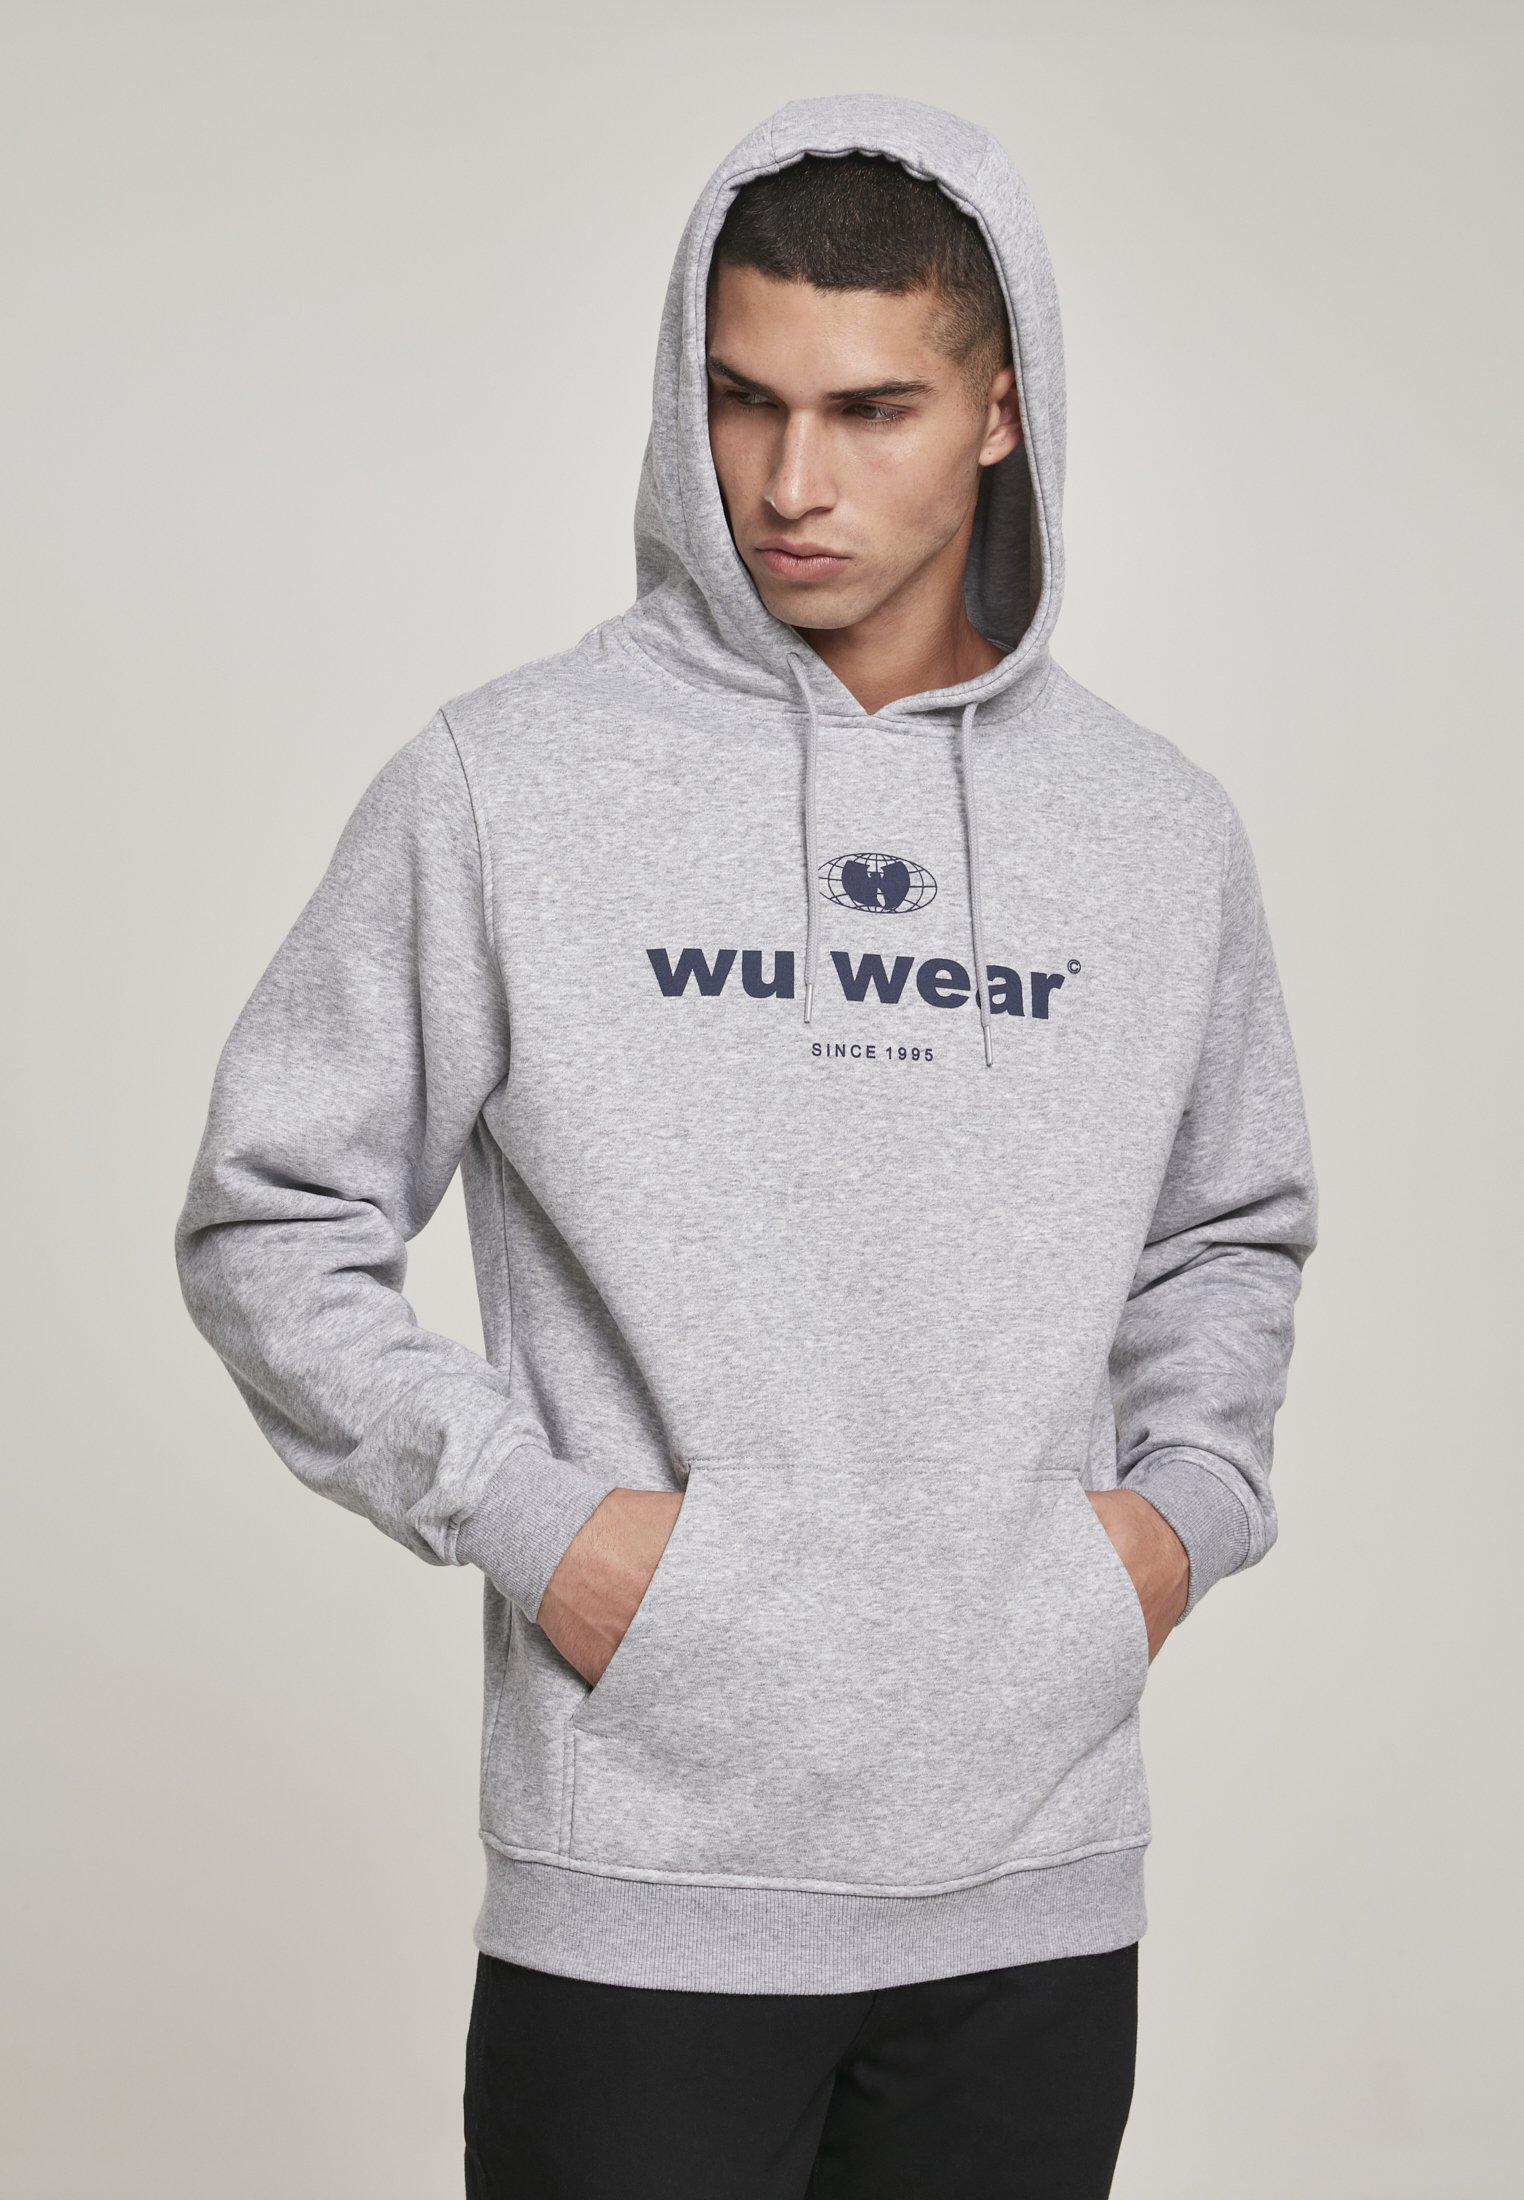 Uomo WU-WEAR SINCE  - Felpa con cappuccio